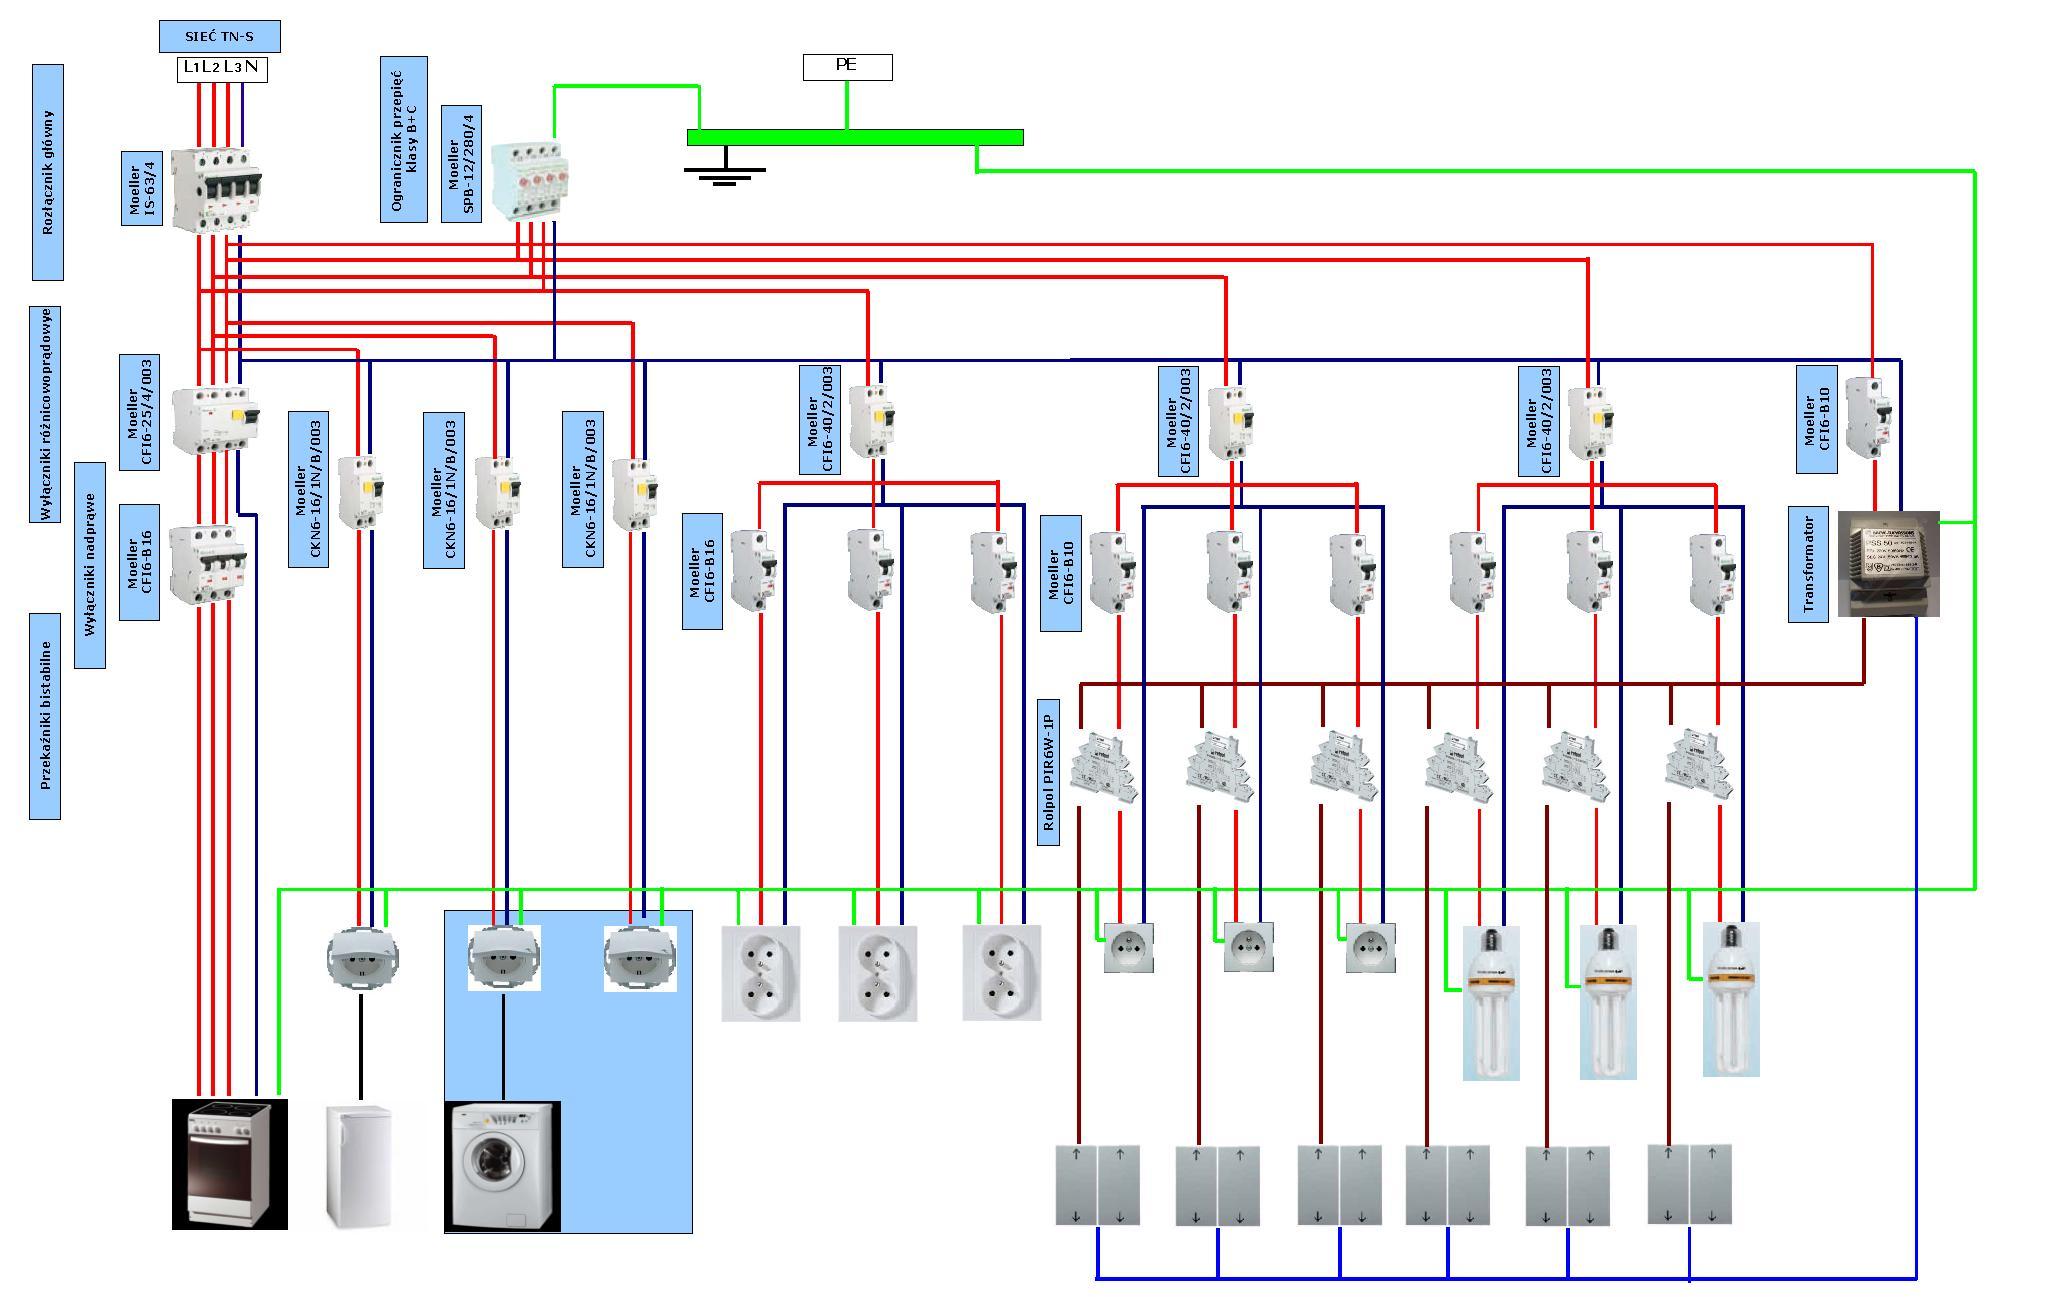 Schemat Instalacji Elektrycznej Domu Jednorodzinnego